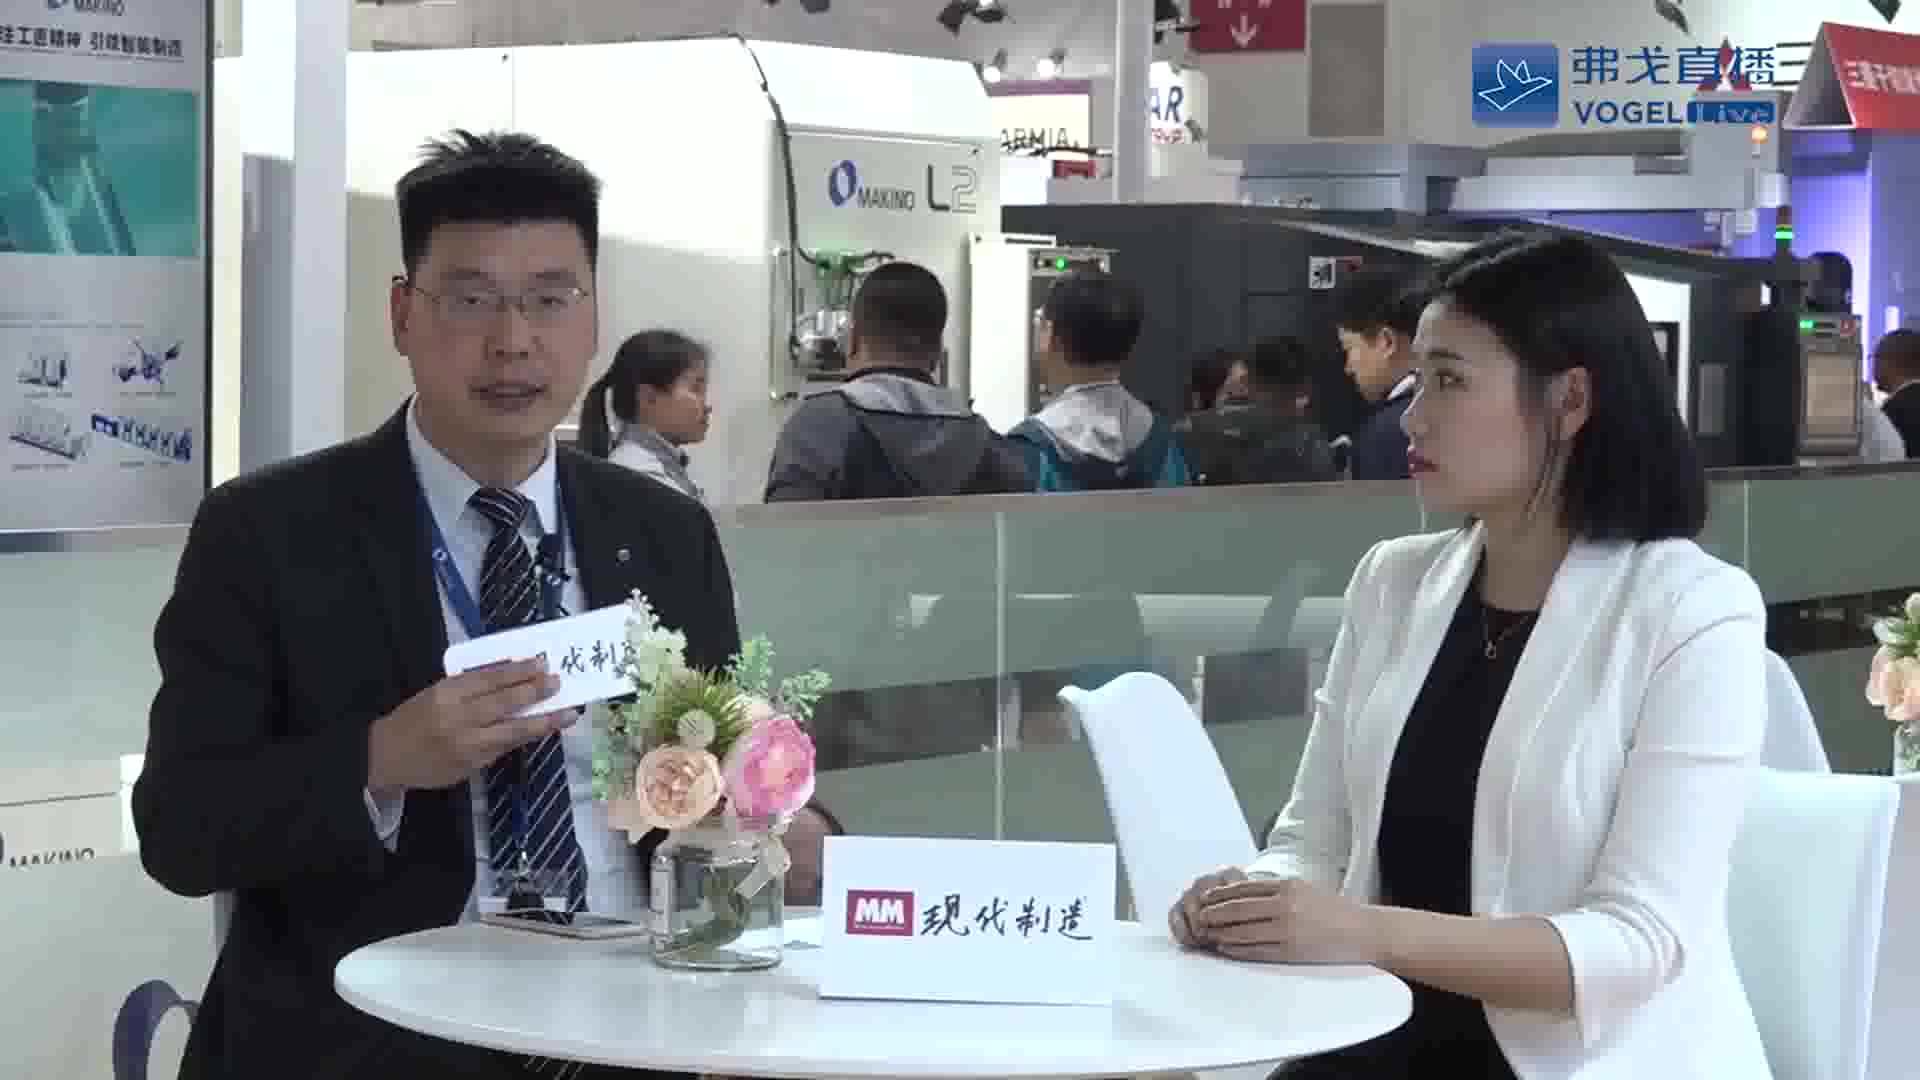 阮安晔先生 牧野机床(中国)有限公司应用技术部部长接受采访-CIMT2019